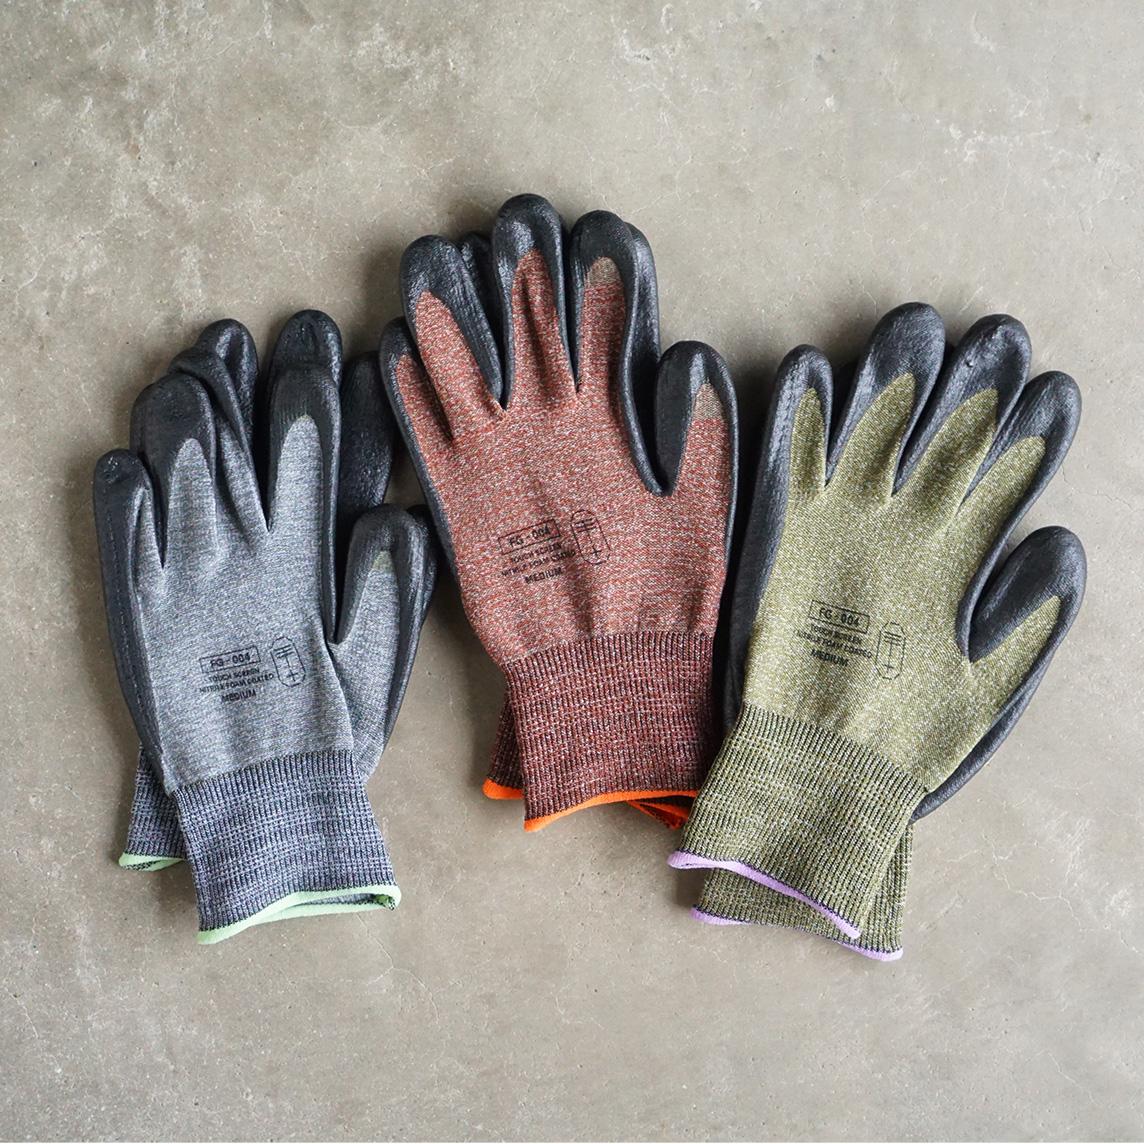 MONOCOで人気の『workers gloves(ワーカーズ グローブ)』をはじめとする手袋のほかに、ハンドバッグやハンドソープといった、手にまつわる逸品でも注目を集めている『tet.』。東かがわの医学博士が開発、手を覆うしっとりした膜で、洗浄と保湿を同時にできる「ハンドジェル」|FILM SKIN(フィルム スキン)